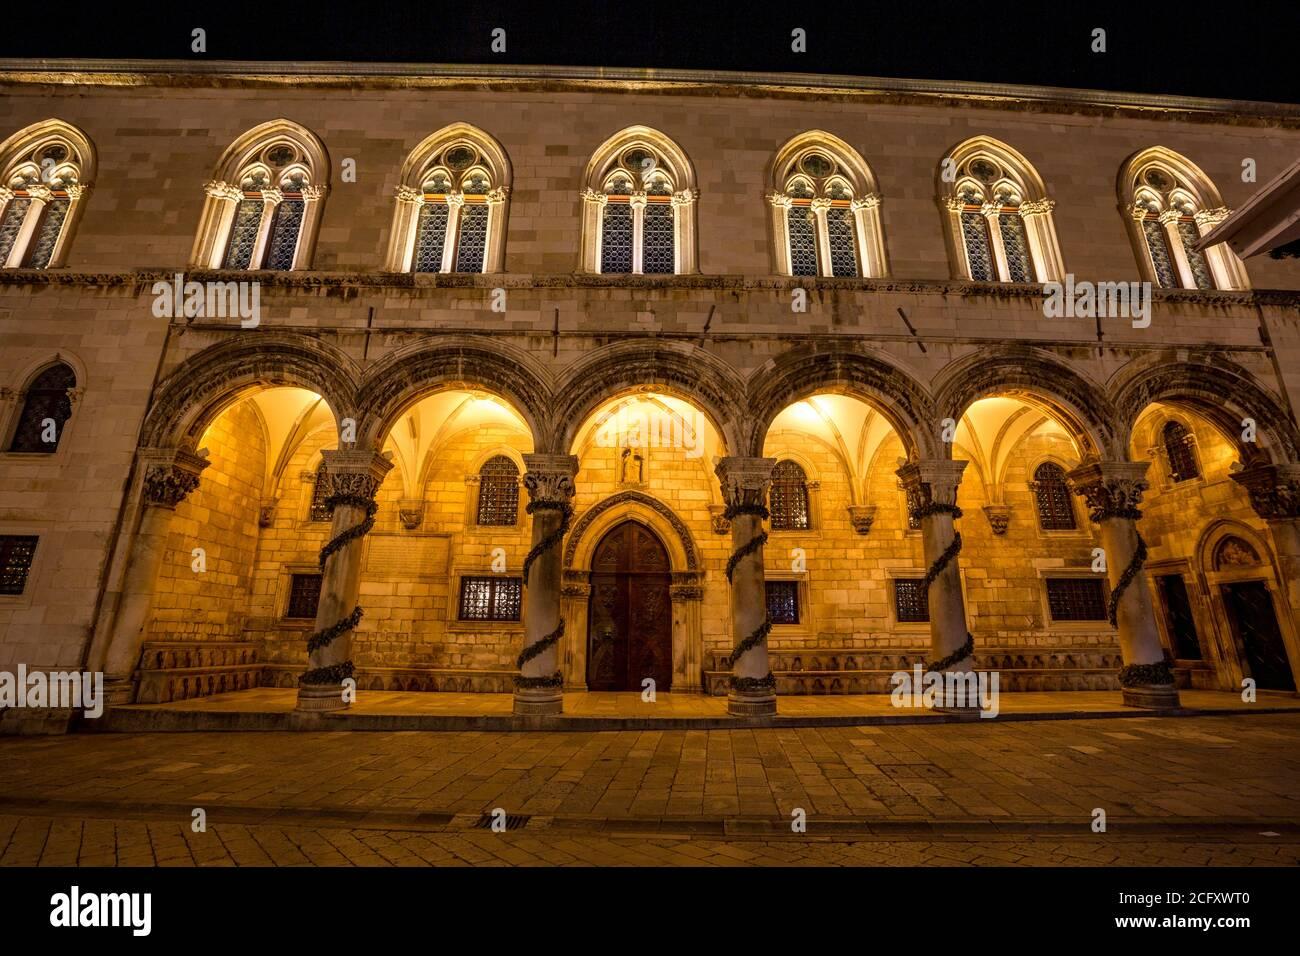 Fachada del edificio veneciano en la calle central, larga exposición por la noche. Paisaje vista de invierno de la ciudad vieja mediterránea de Dubrovnik, viaje europeo y destino histórico, Croacia Foto de stock